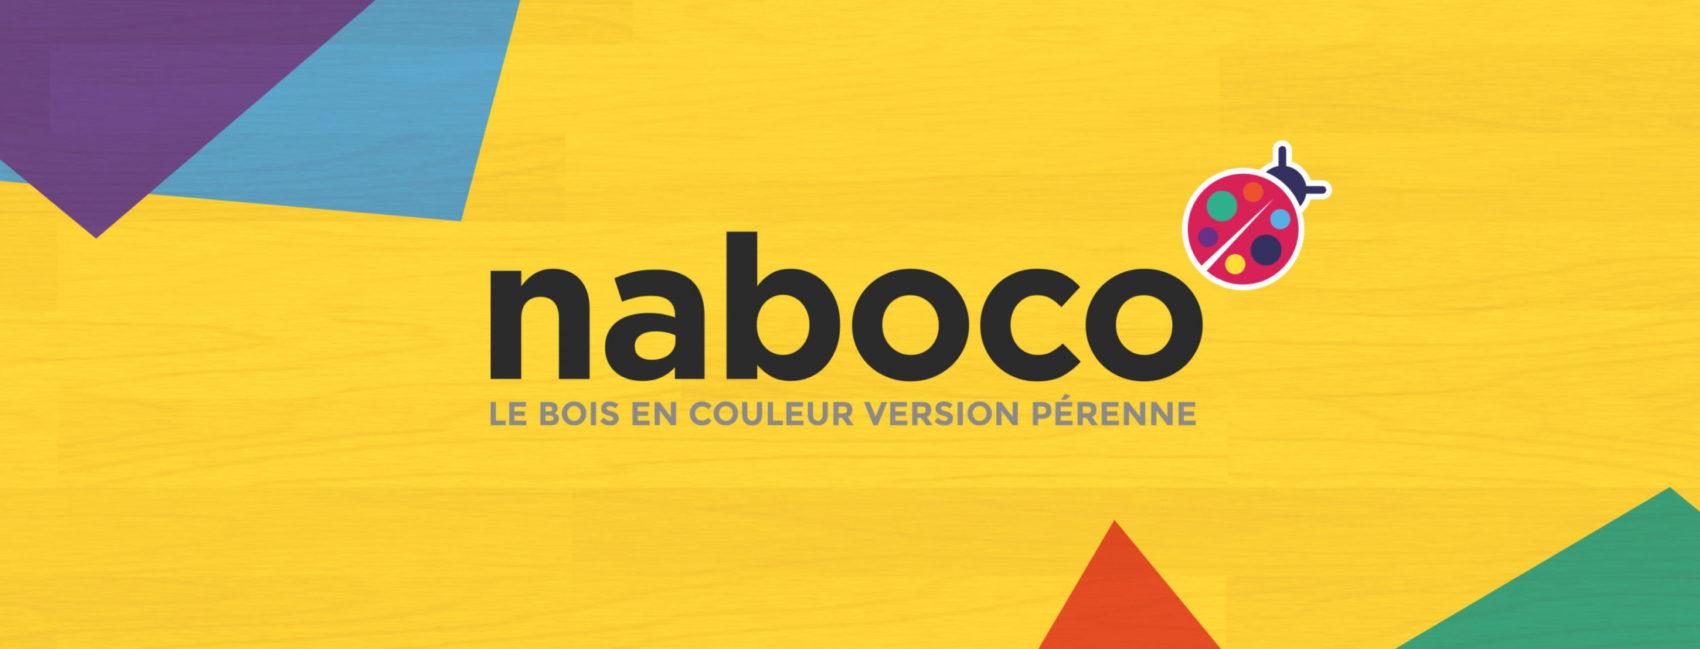 Naboco Menuisierie Bois en Couleur Nouvelle Communication de Marque